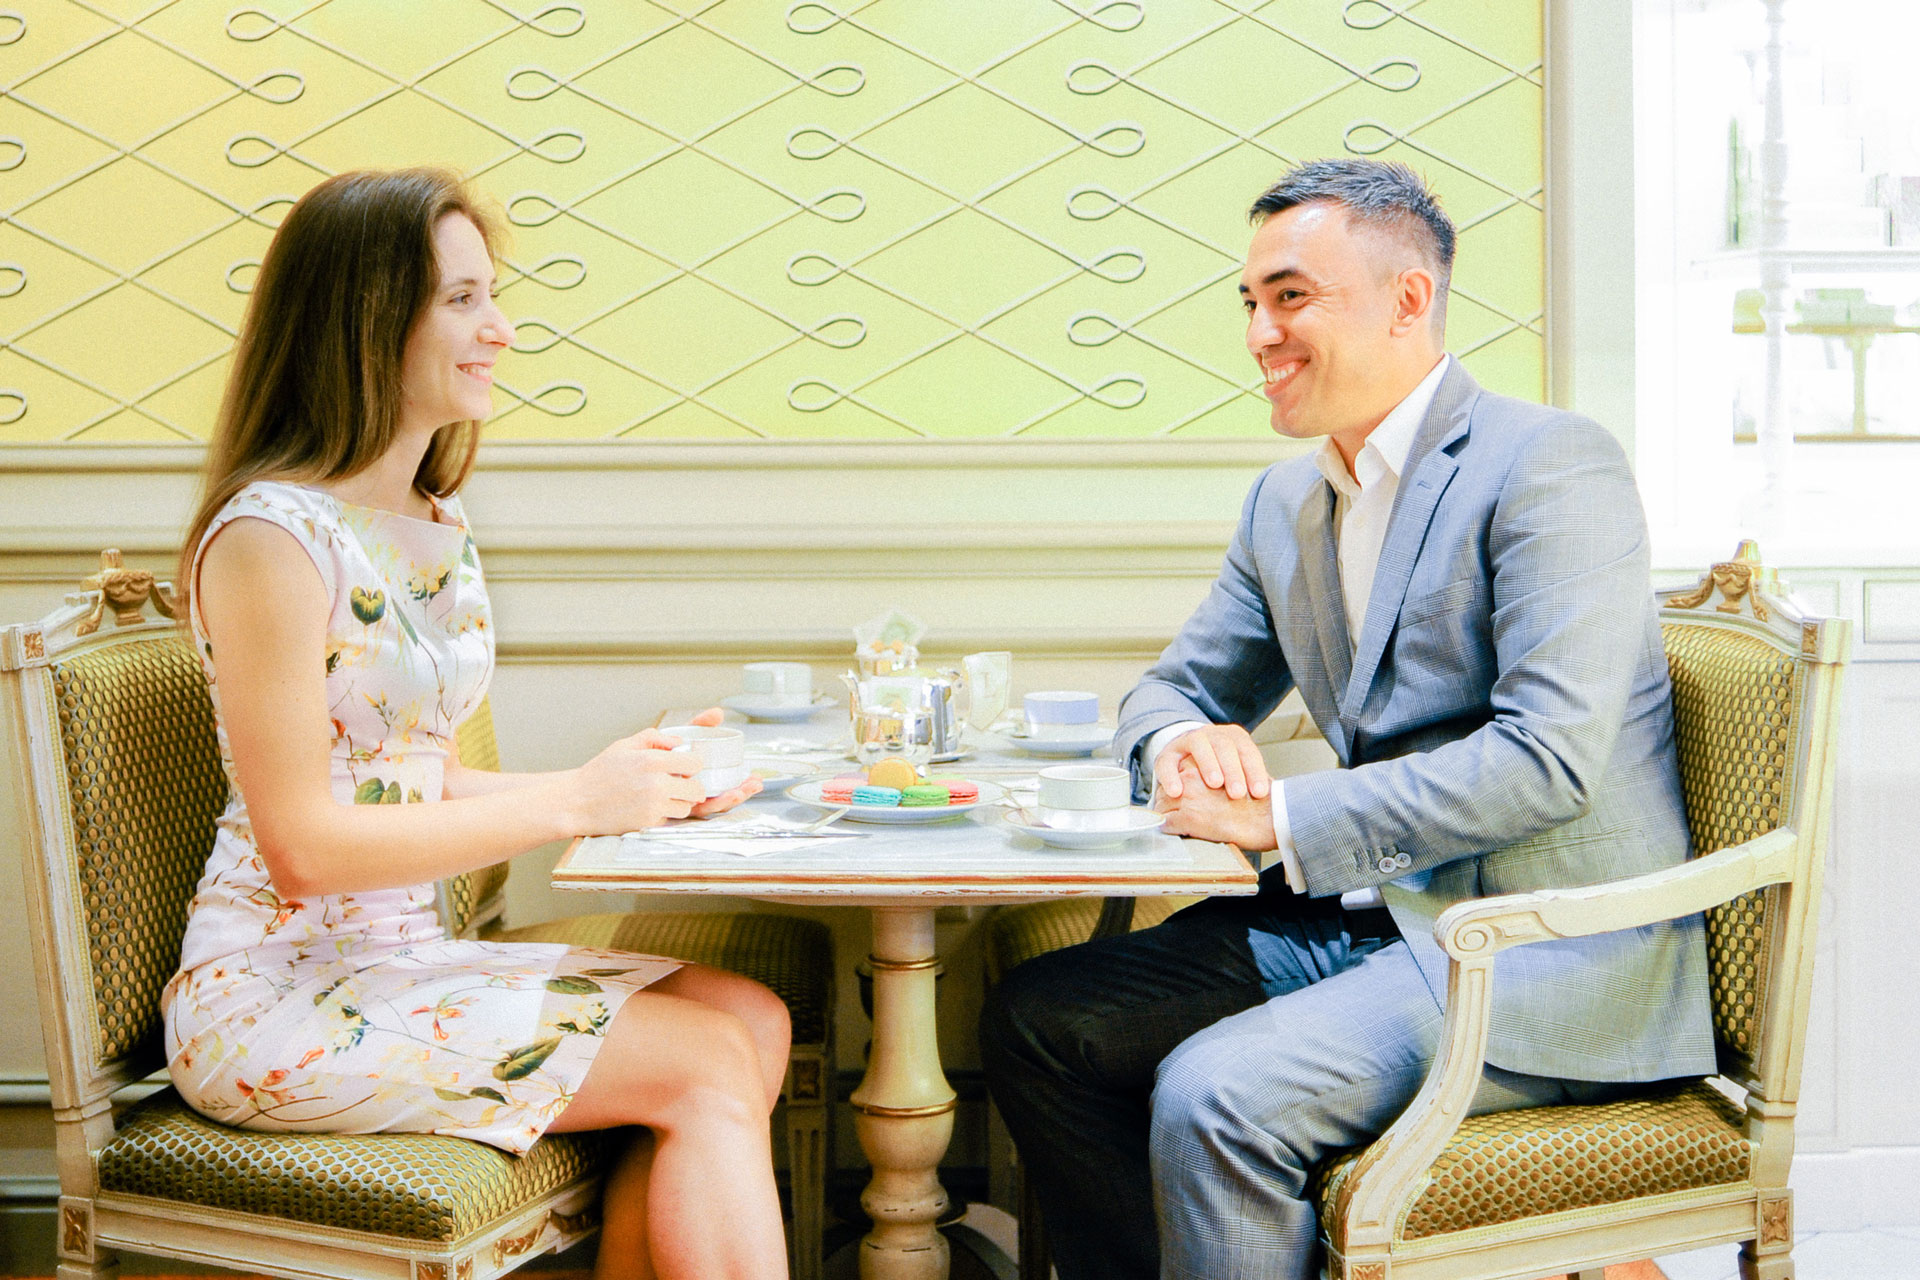 Ladurée французский макарон интервью торт свадебный фото 1